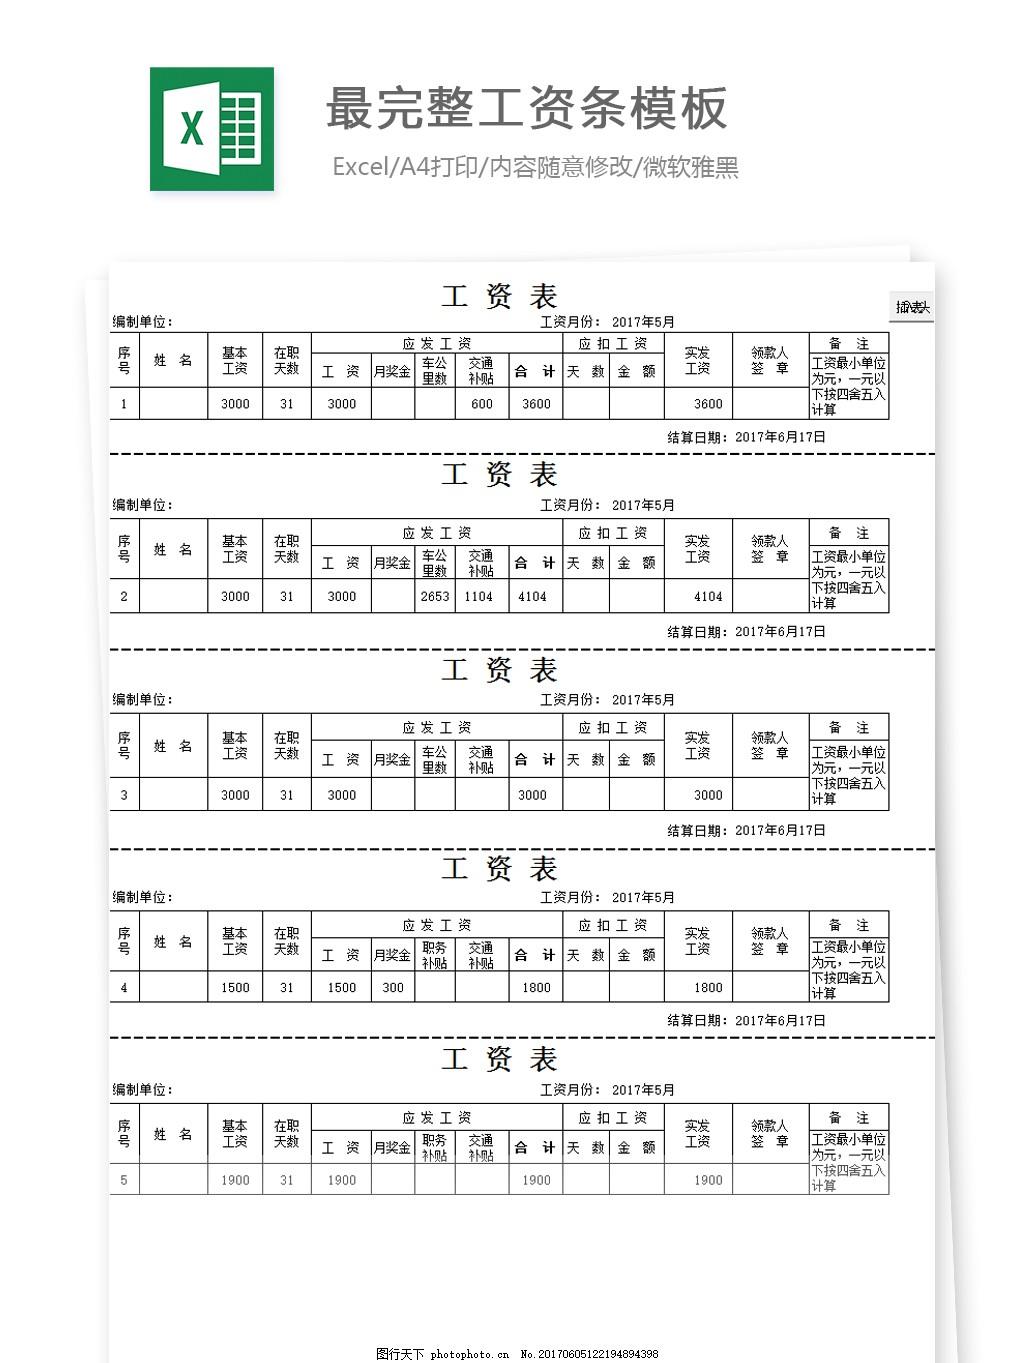 费用表格式_最完整工资条模板Excel模板图片_费用报表_Excel模板_图行天下图库